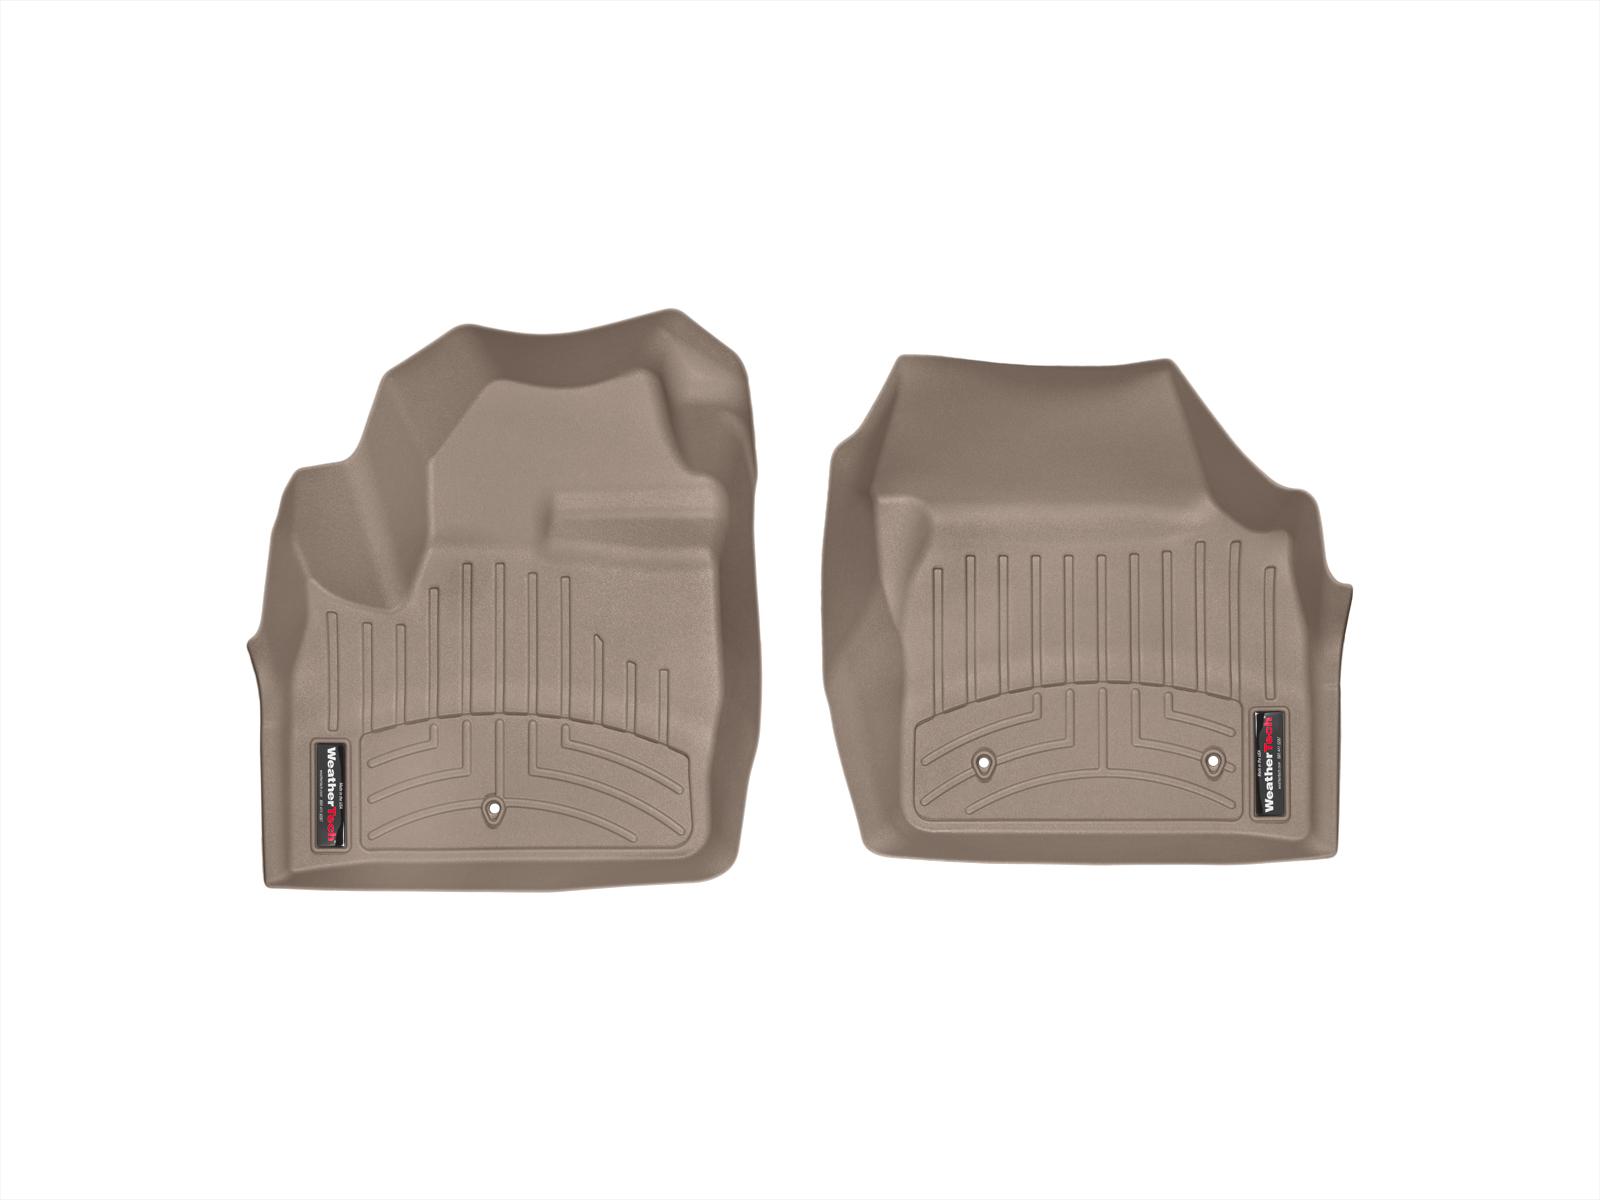 Tappeti gomma su misura bordo alto Land Rover 13>15 Marrone A1977*